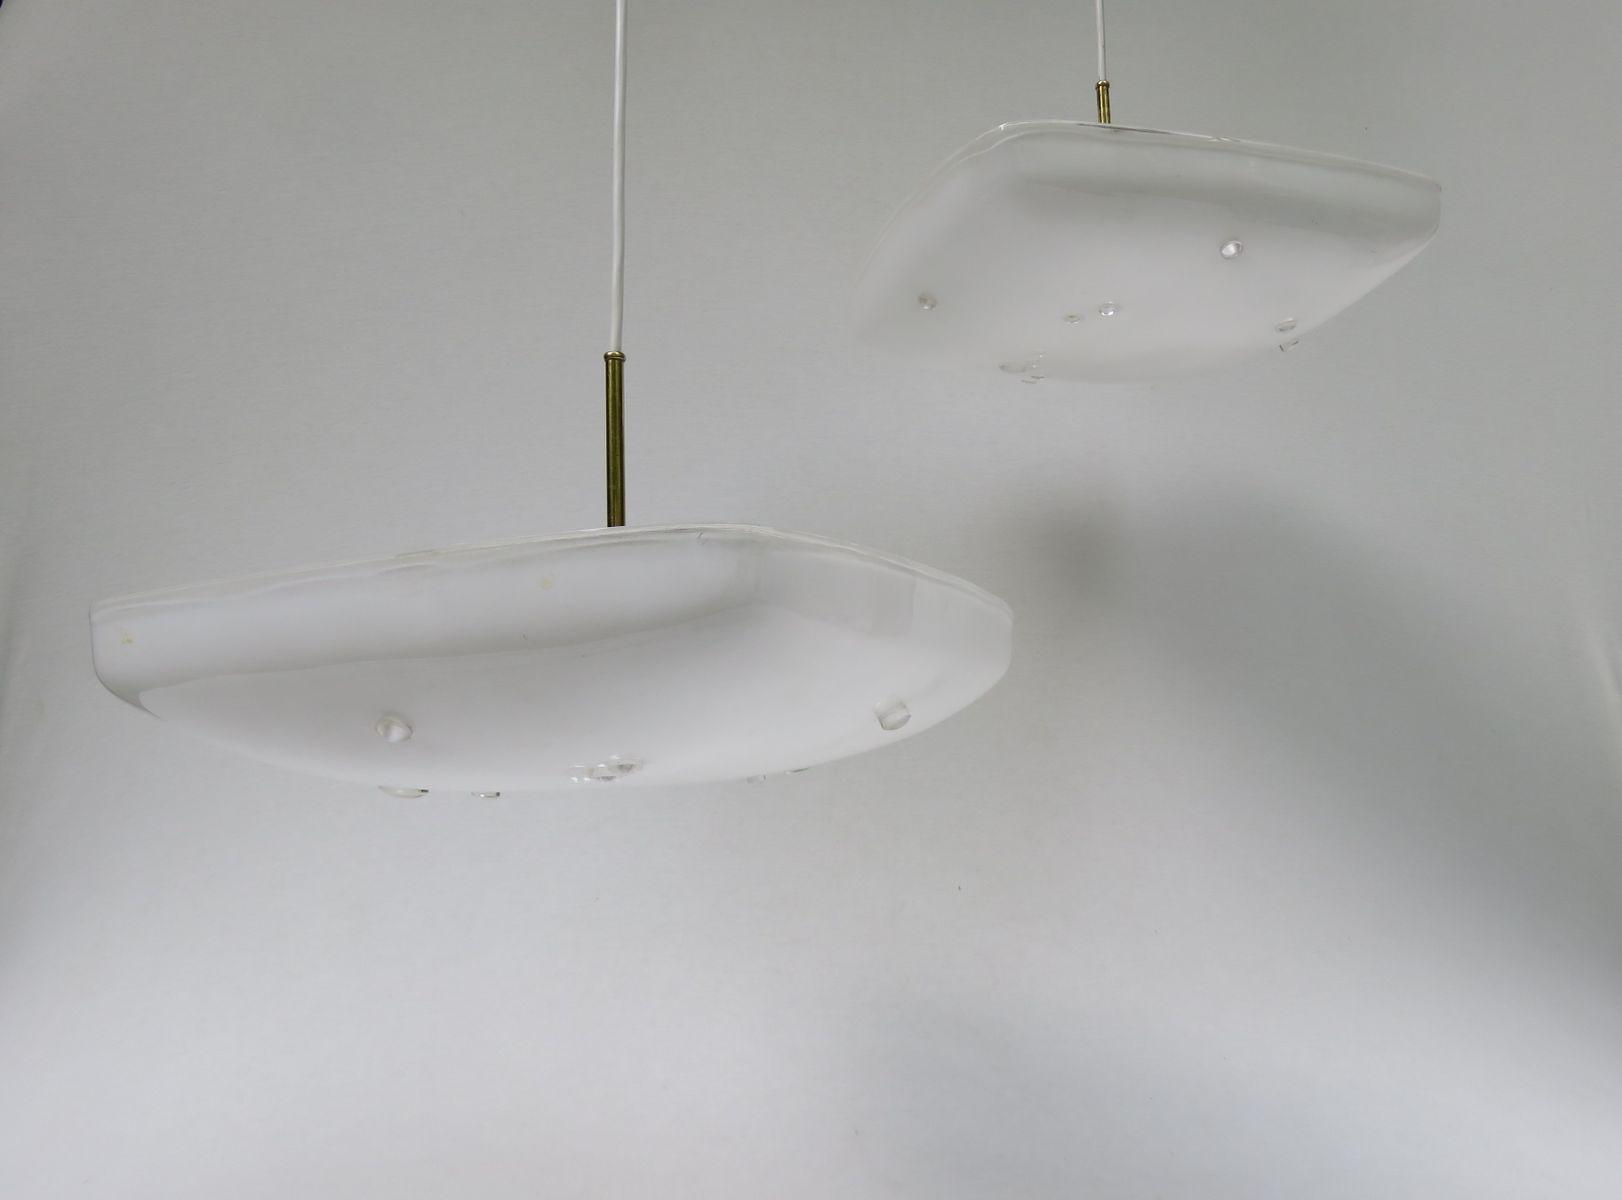 kaskaden deckenlampe mit zwei leuchten bei pamono kaufen. Black Bedroom Furniture Sets. Home Design Ideas